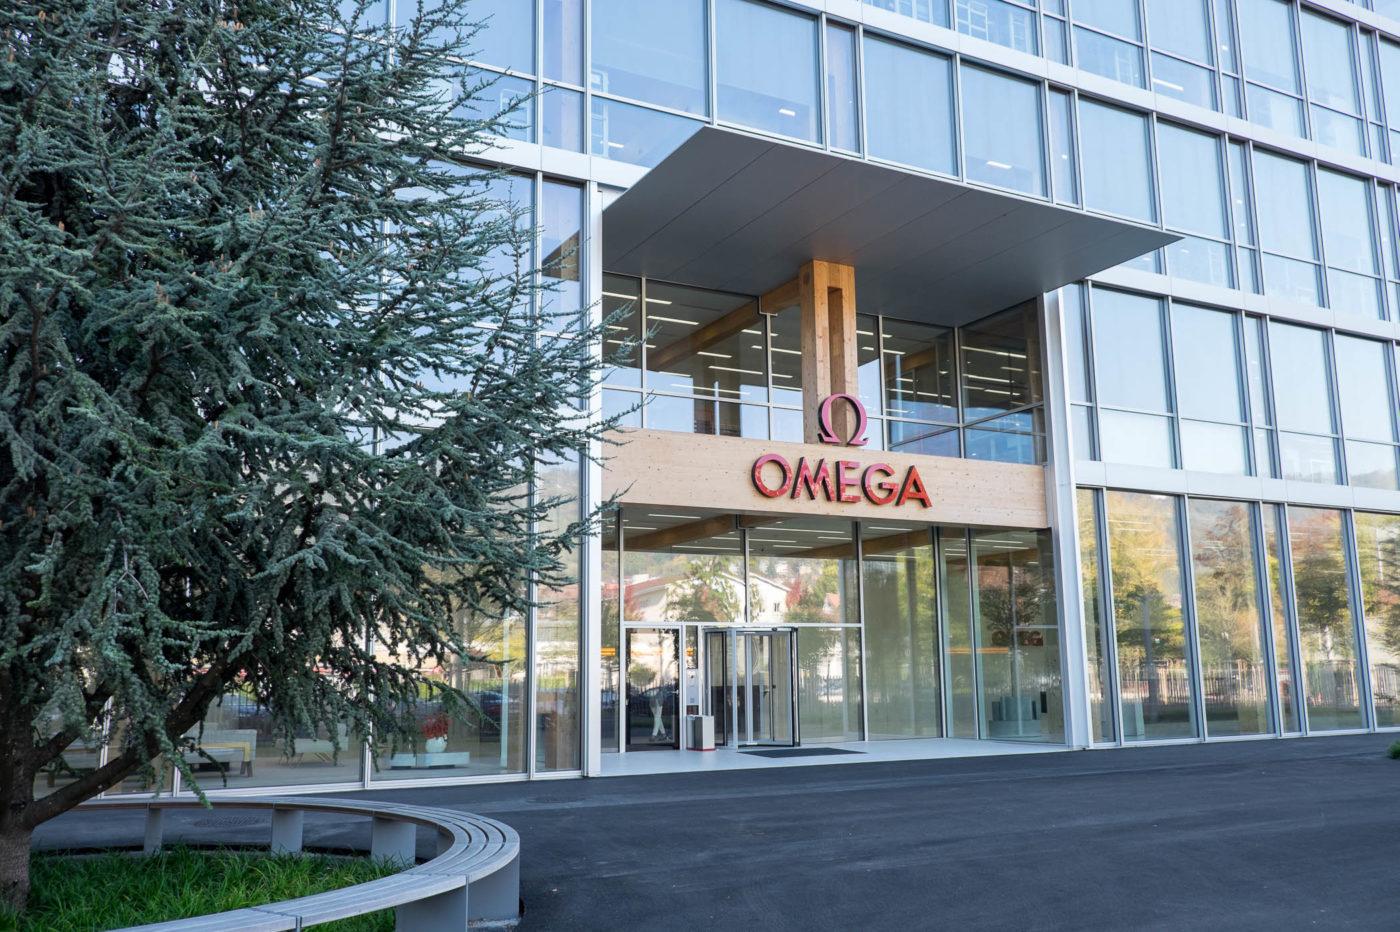 Jak powstają zegarki Omega – z wizytą w nowej fabryce marki w Bienne